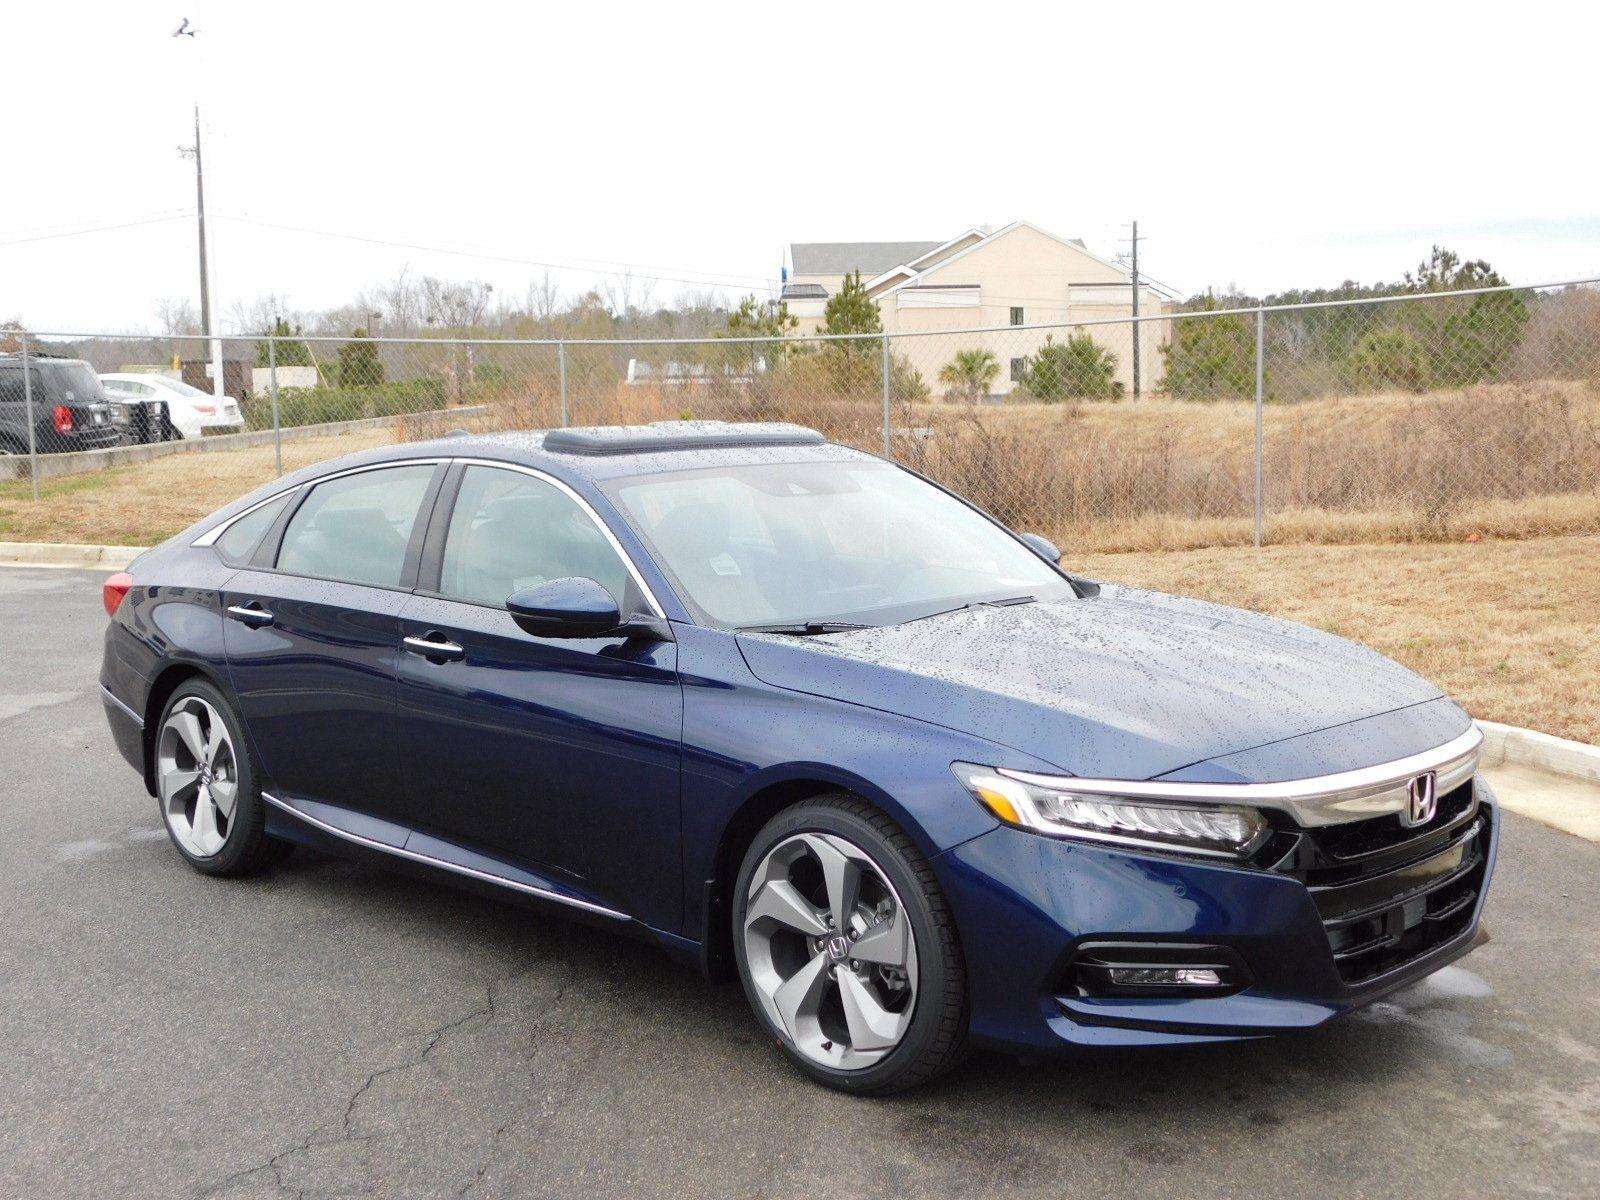 New 2019 Hondas Honda civic hatchback, Honda, Honda